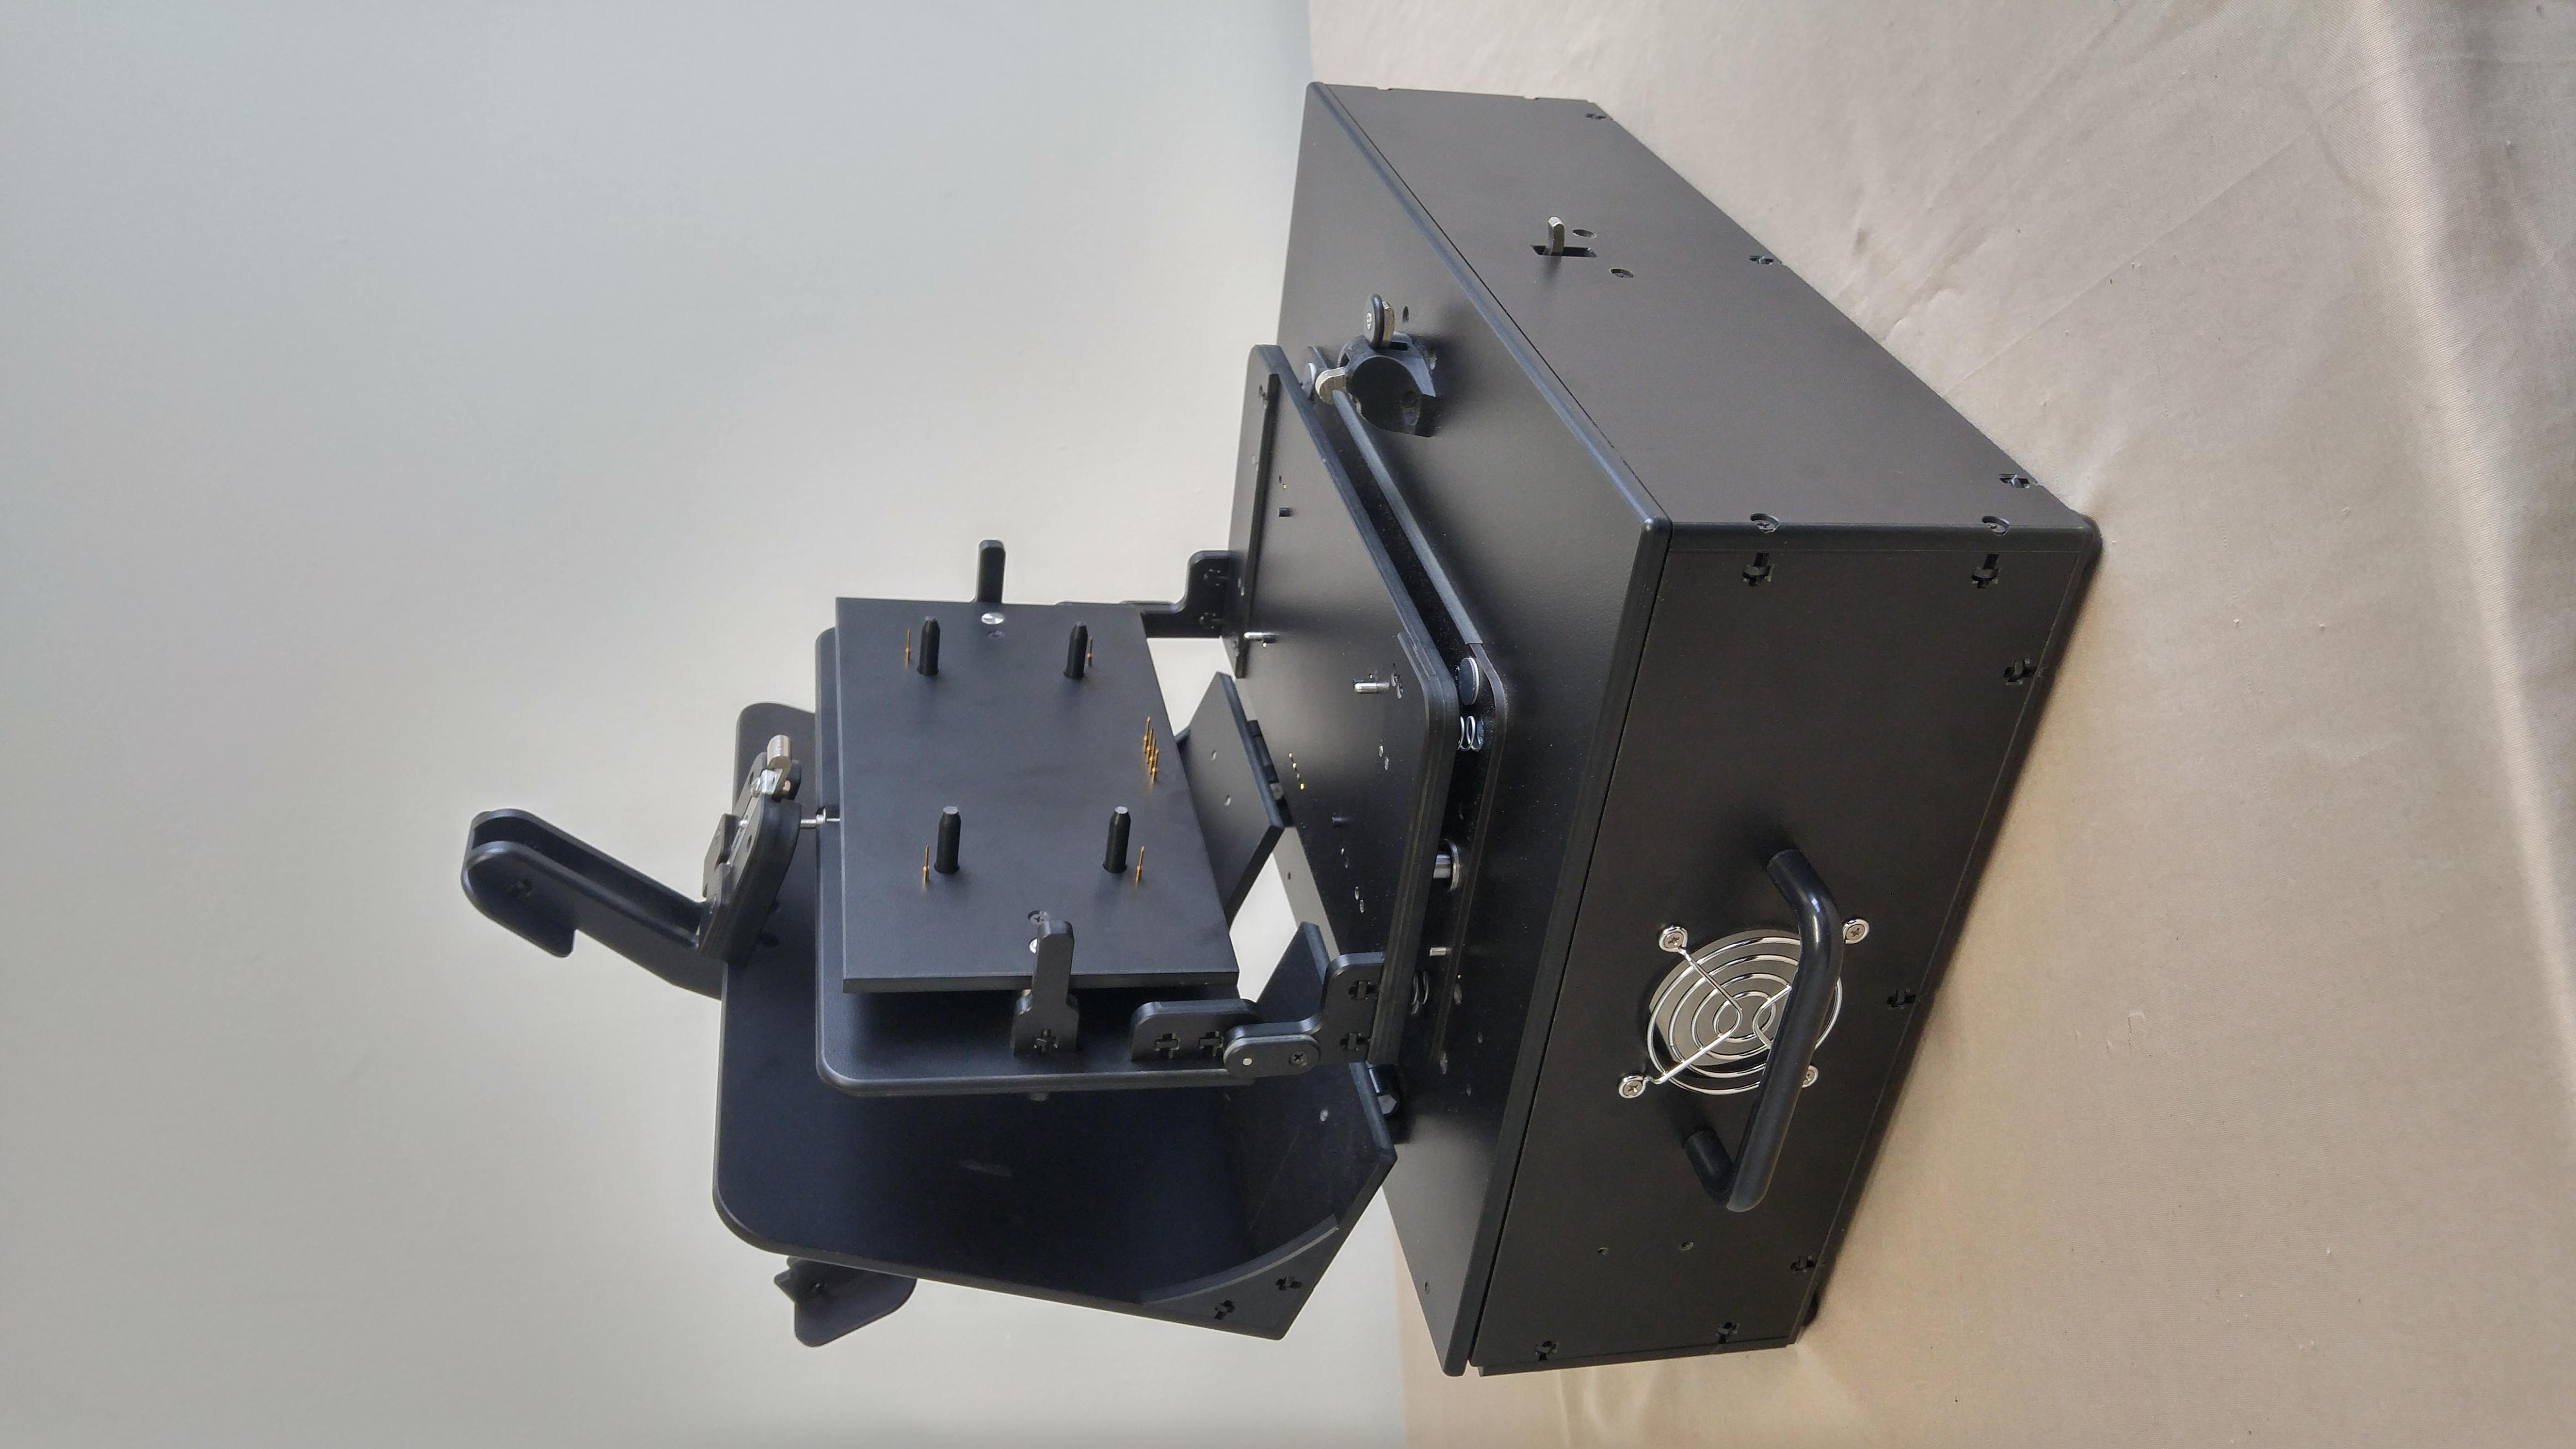 PCB test fixture kit